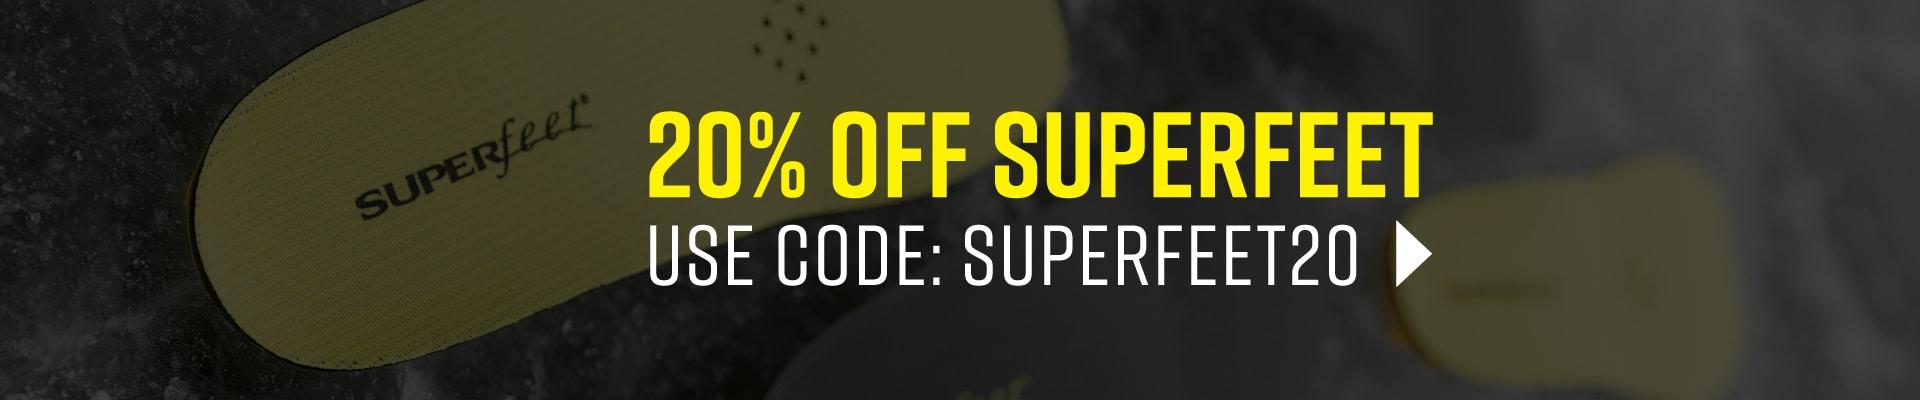 Shop 20% Off Superfeet Sale